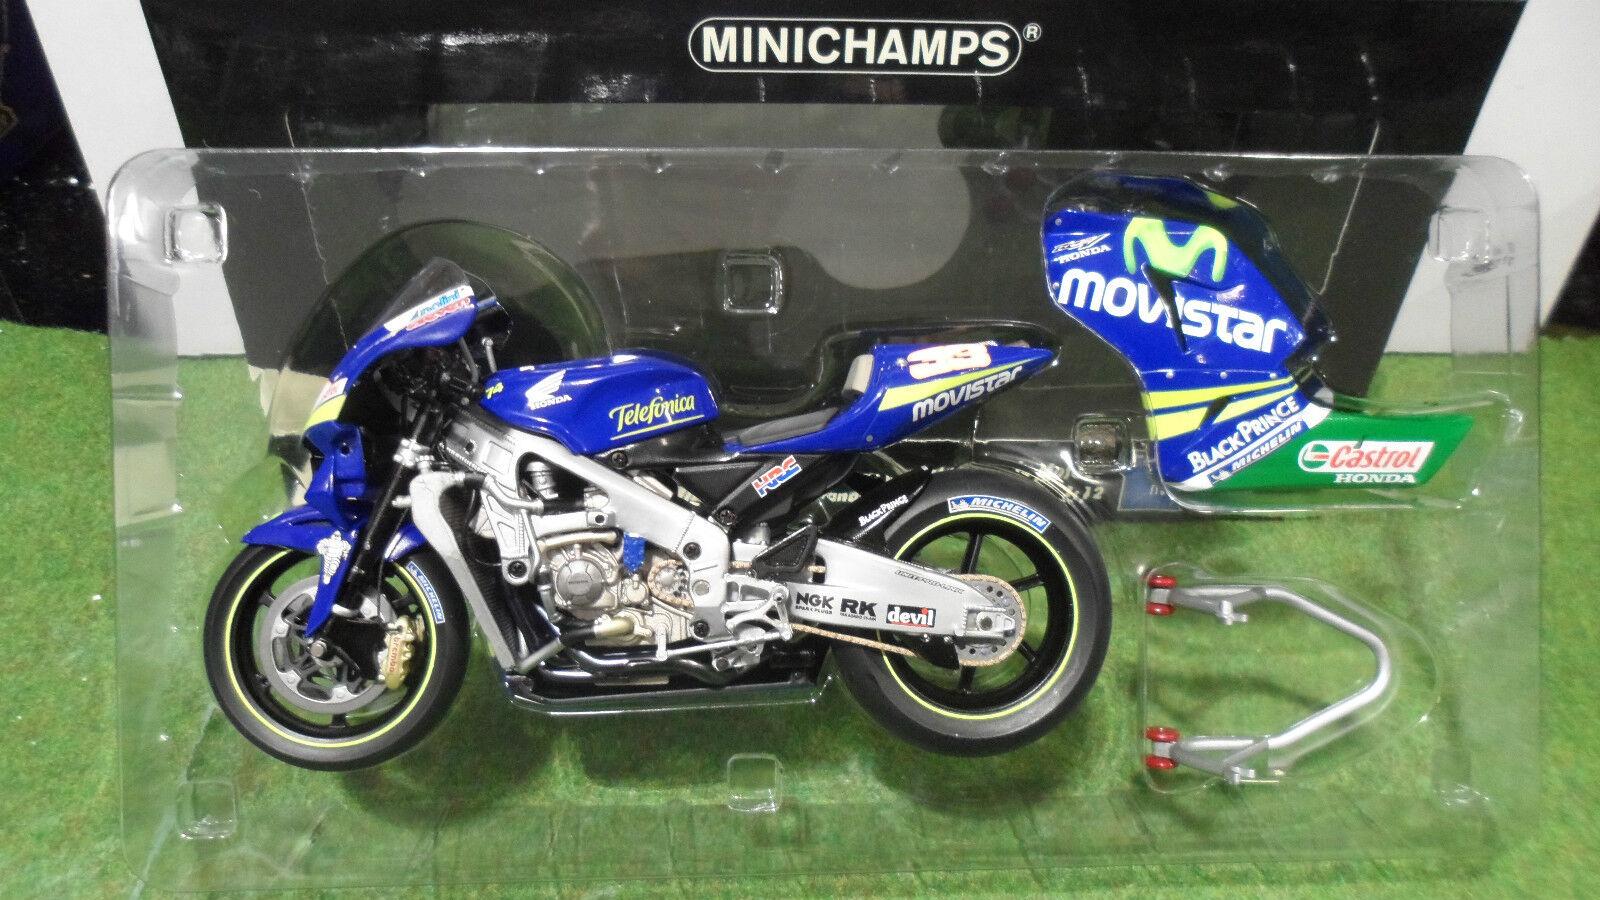 mas barato MOTO MOTO MOTO HONDA RC211V GP 2005 Marco Melandri 1 12 Minichamps 122051033 miniature col  soporte minorista mayorista